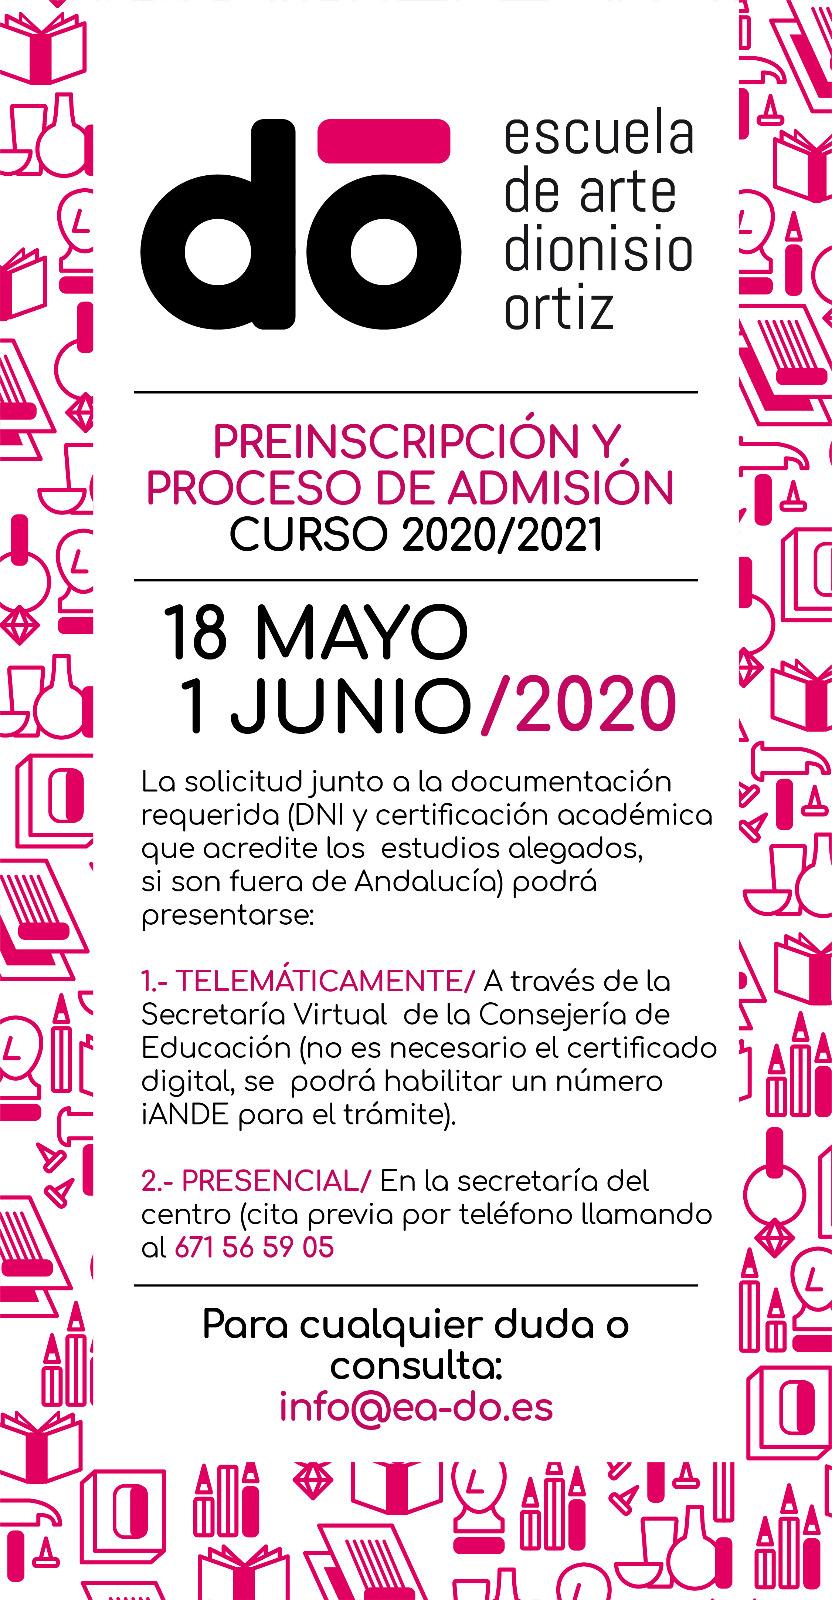 Preinscripcion y Proceso de Admisión 2020-2021 (1)